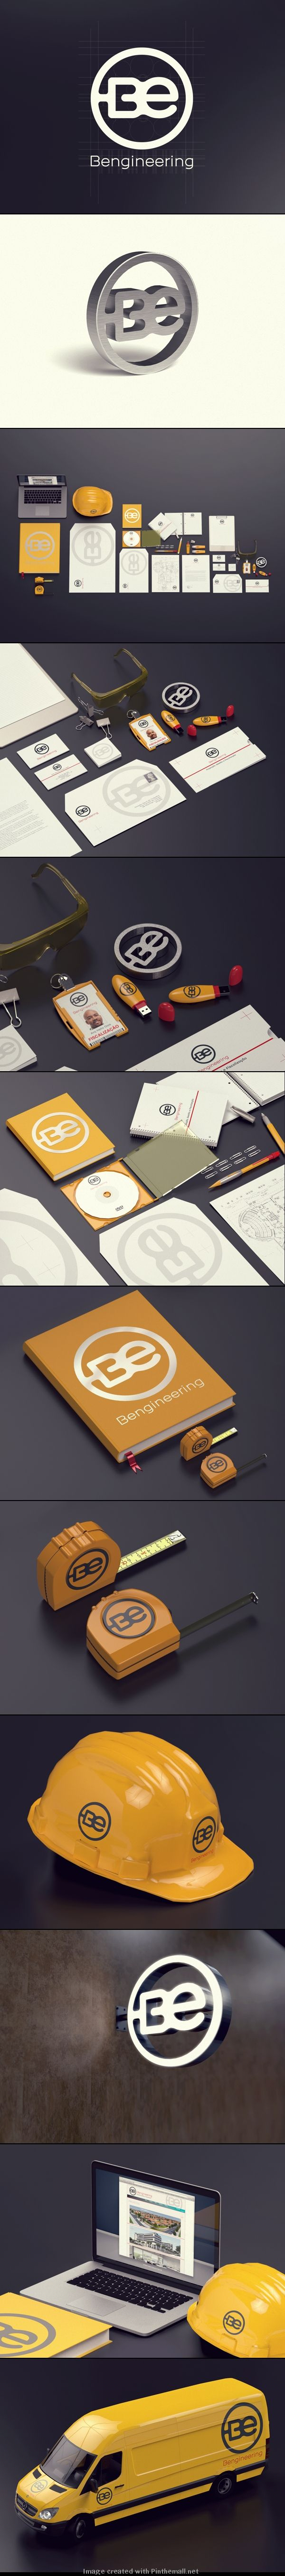 Unique Branding Design, Bengineering #branding #design (http://www.pinterest.com/aldenchong/)